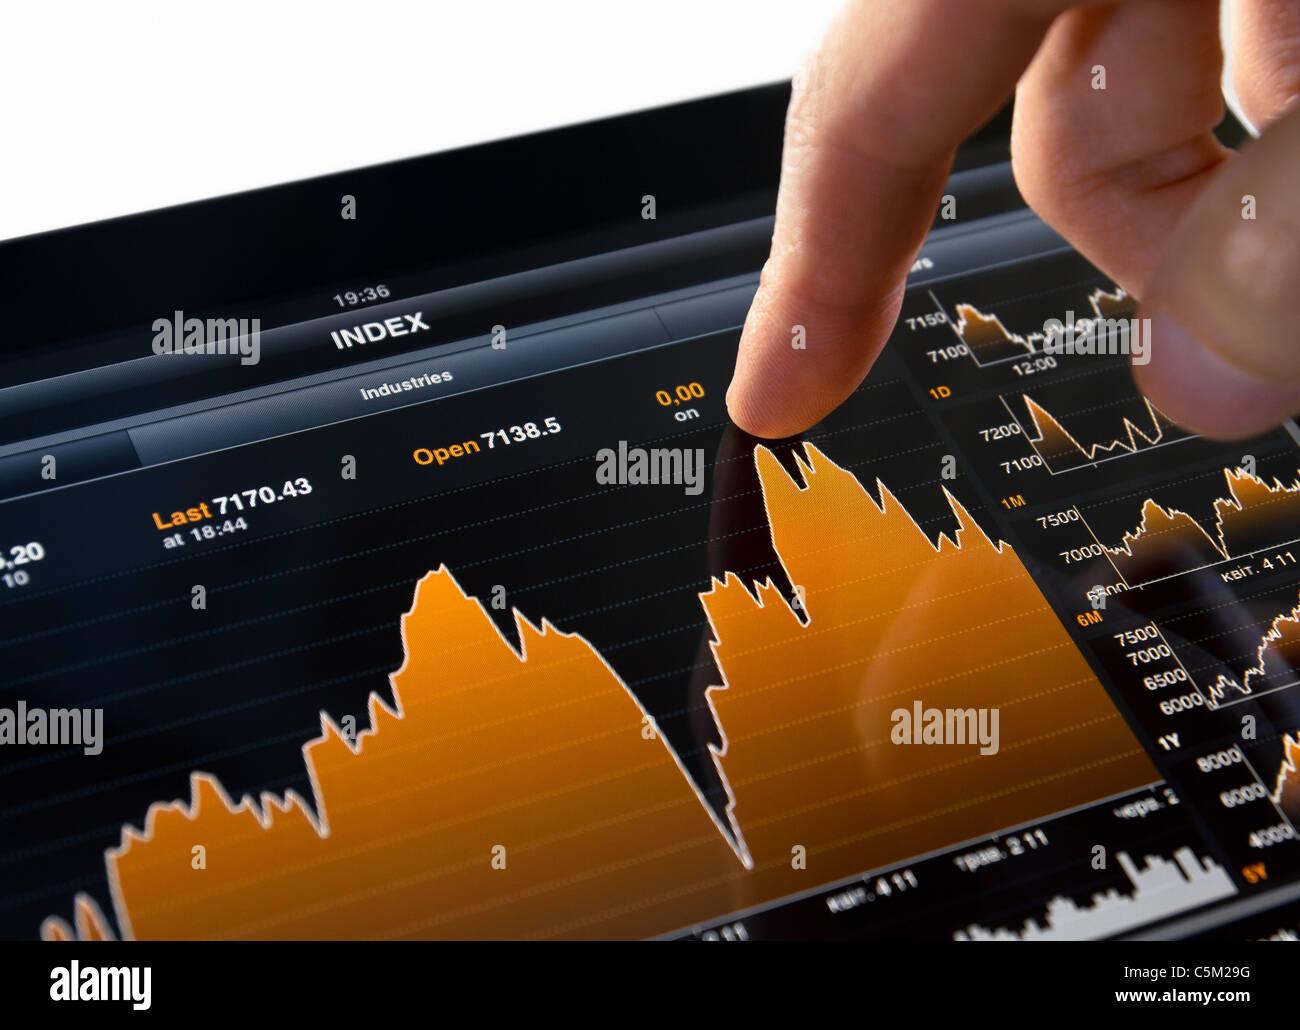 Tocar la Bolsa gráfico en Tablet PC Digital Foto de stock